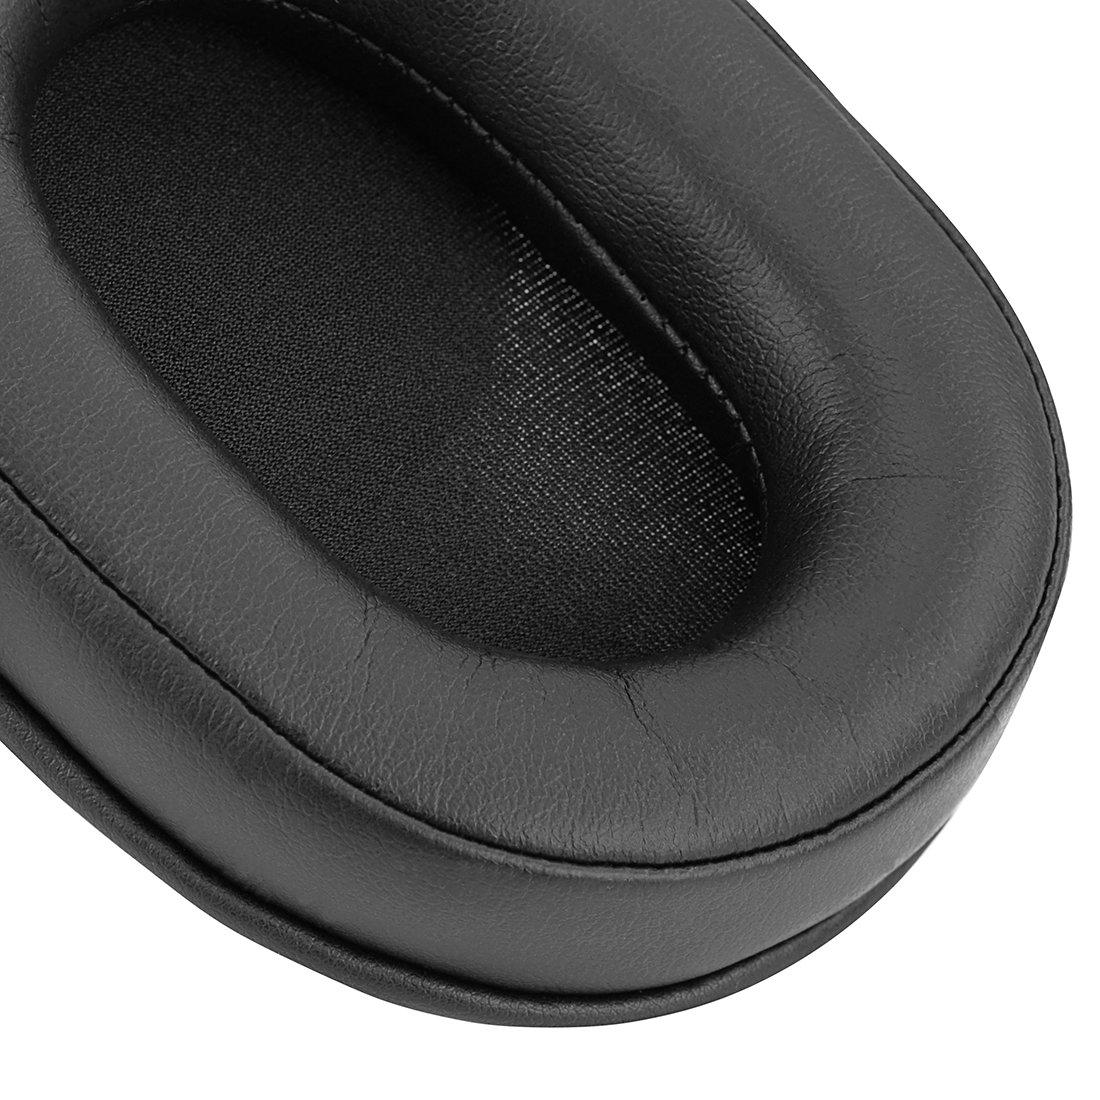 Almohadillas viscoel/ásticas para Audio-Technica ATH-M50